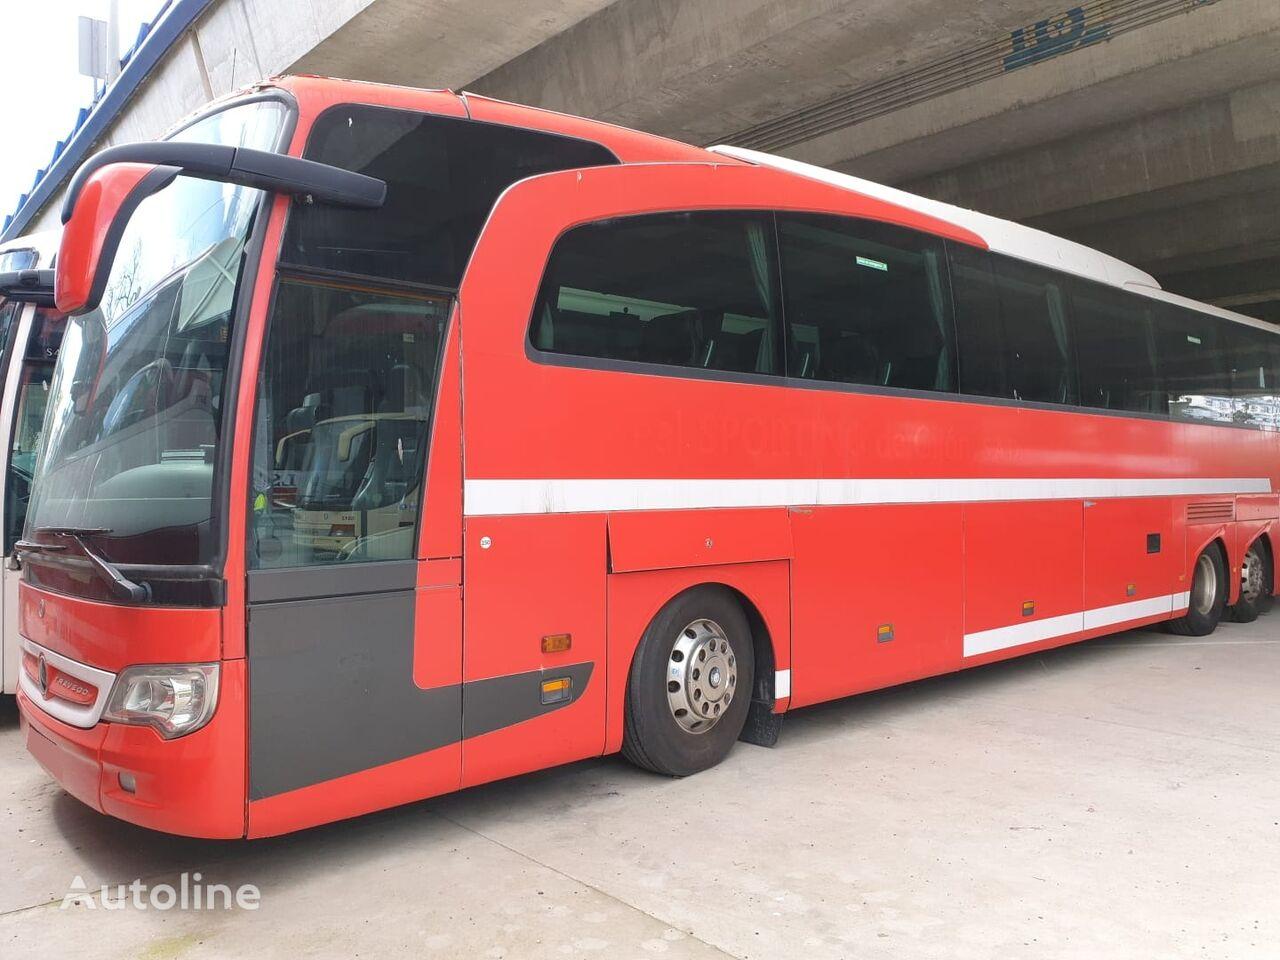 MERCEDES-BENZ  TRAVEGO 17 RHD coach bus